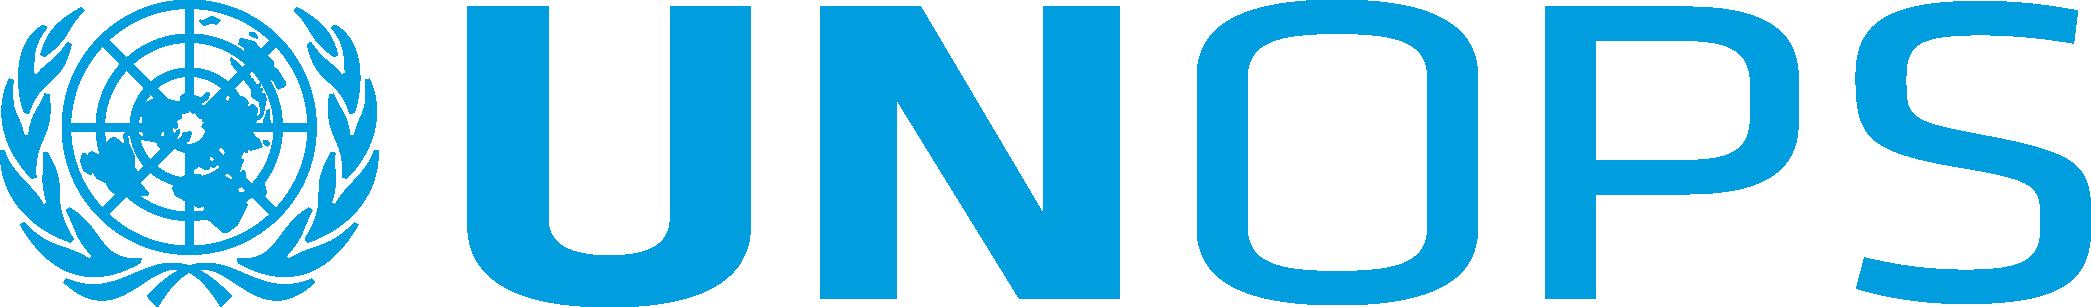 unops_logo_2016_cmyk_png.png